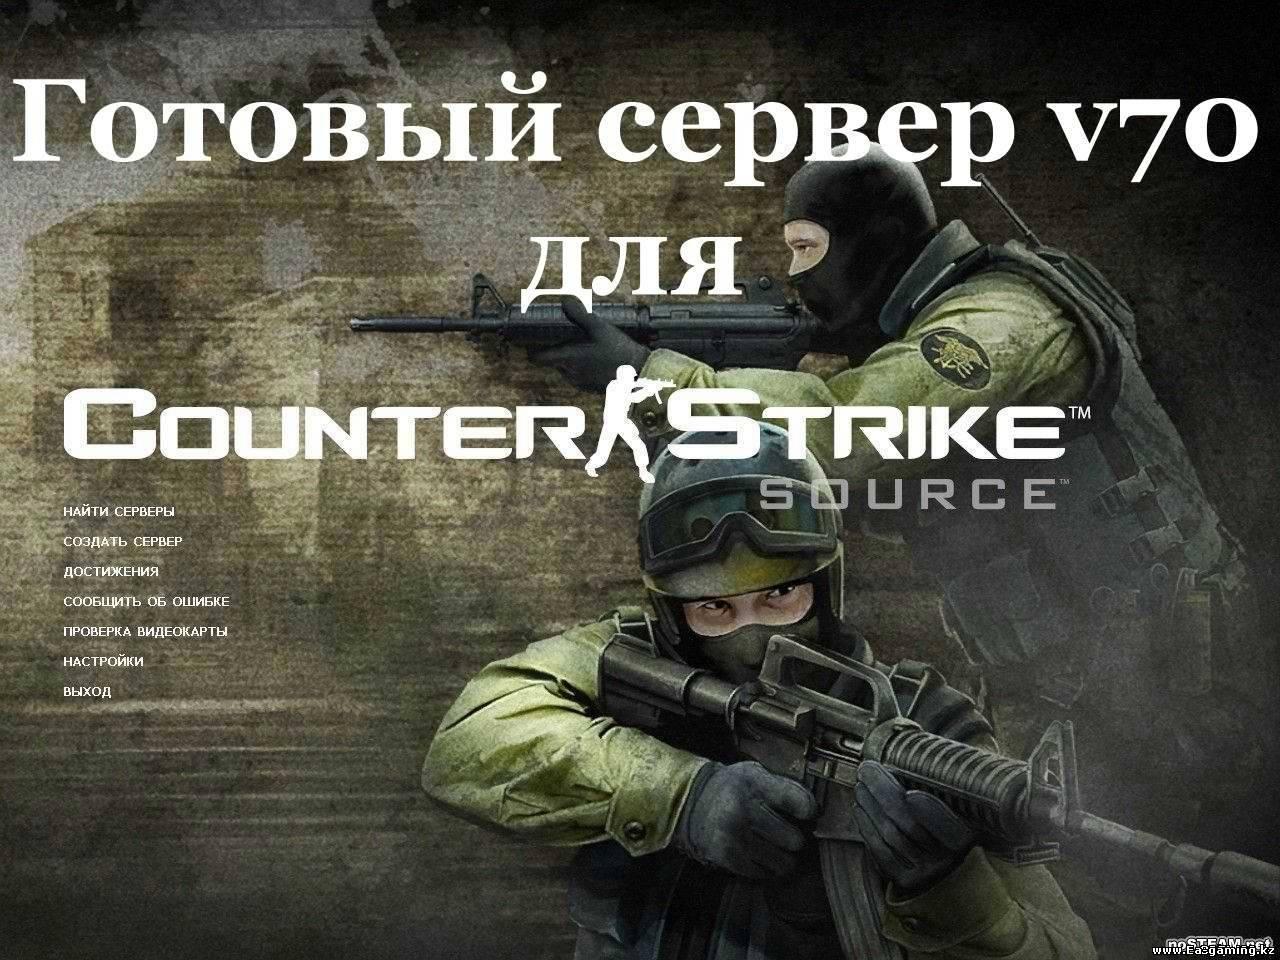 Скачать готовый сервер для css v56 торрент восток официальный сайт чистопольского часового завода